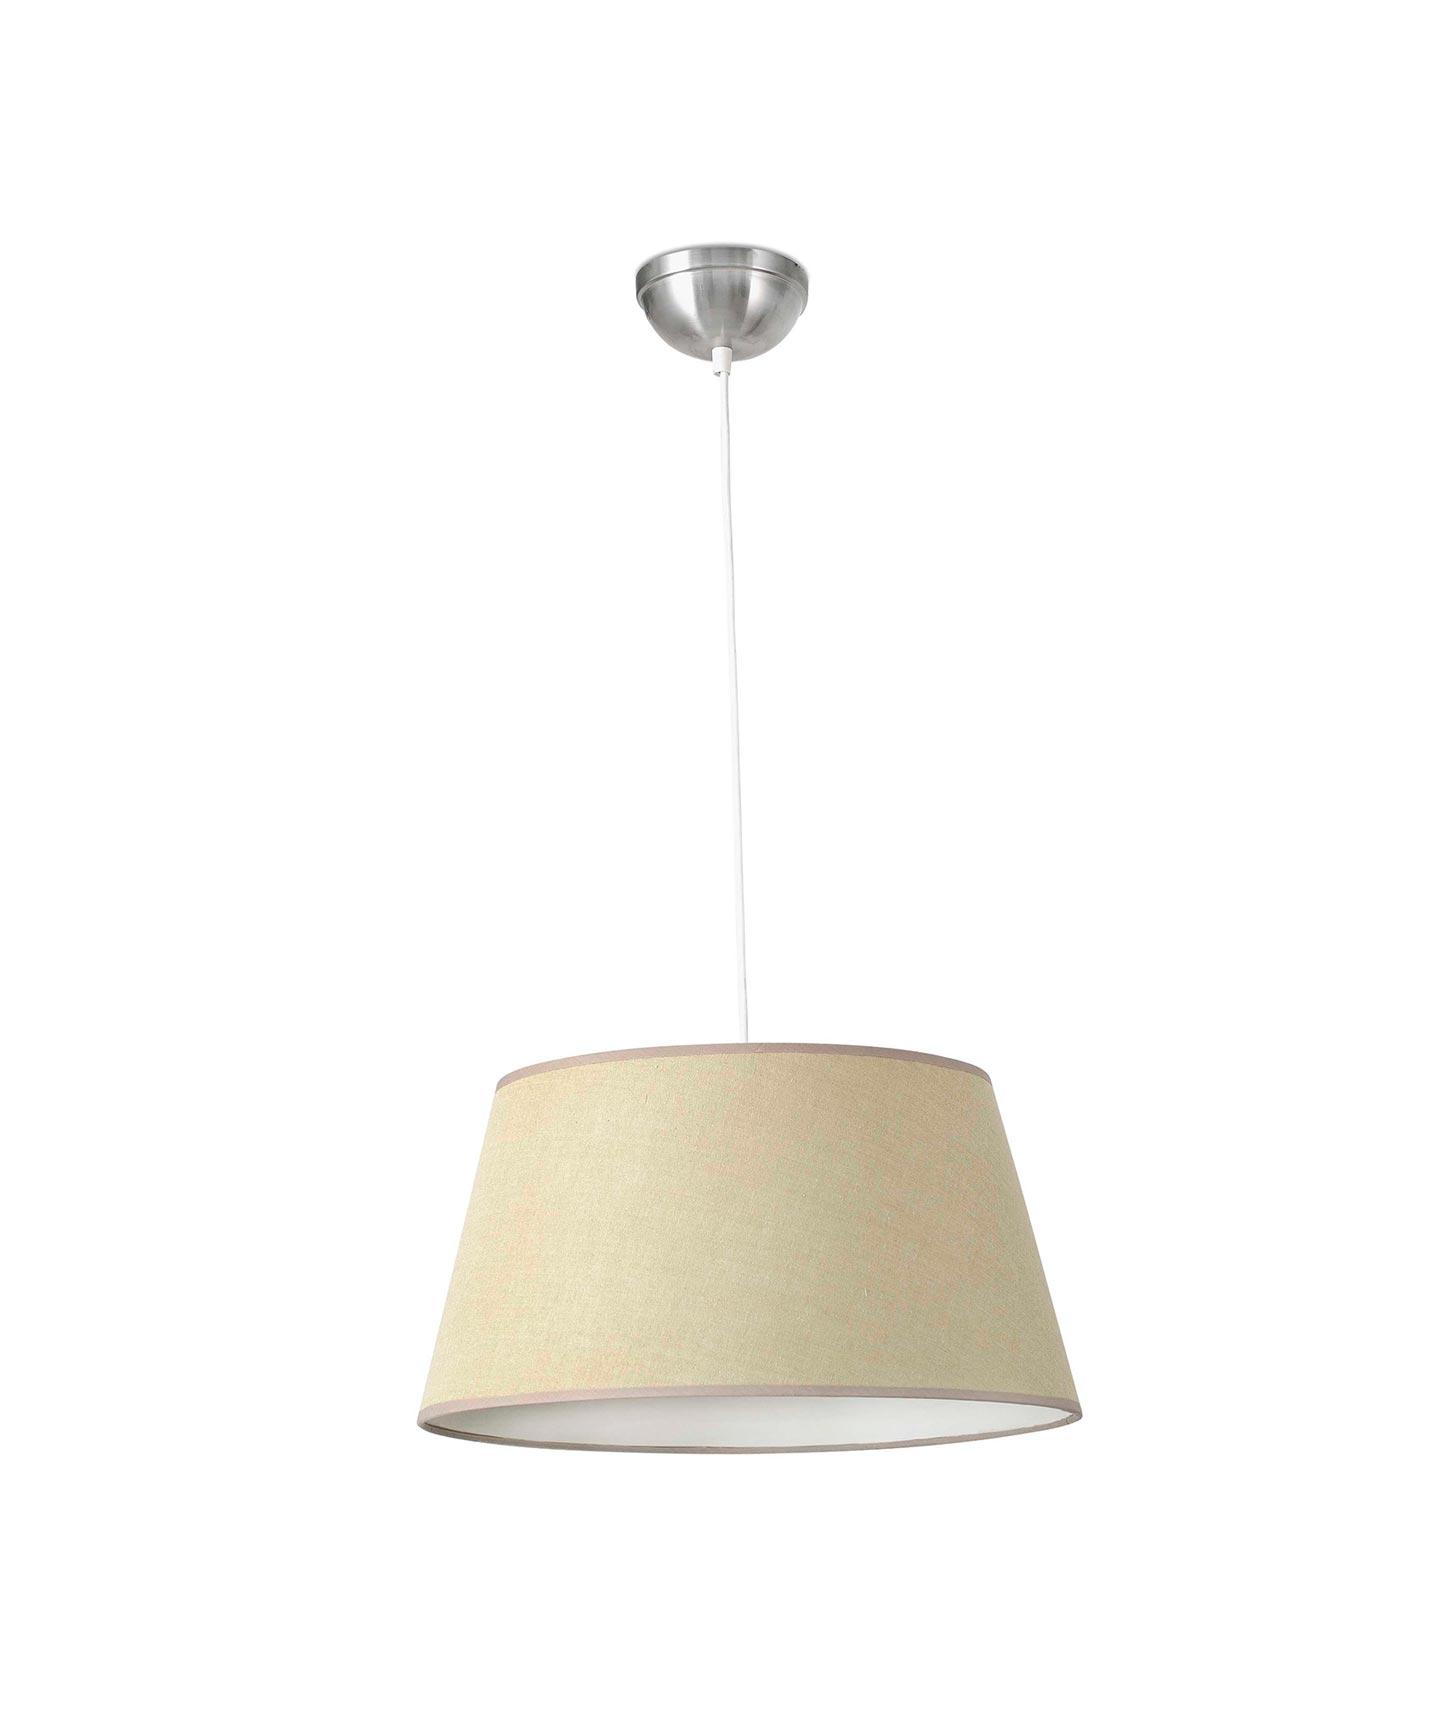 Lámpara de techo MITIC beige